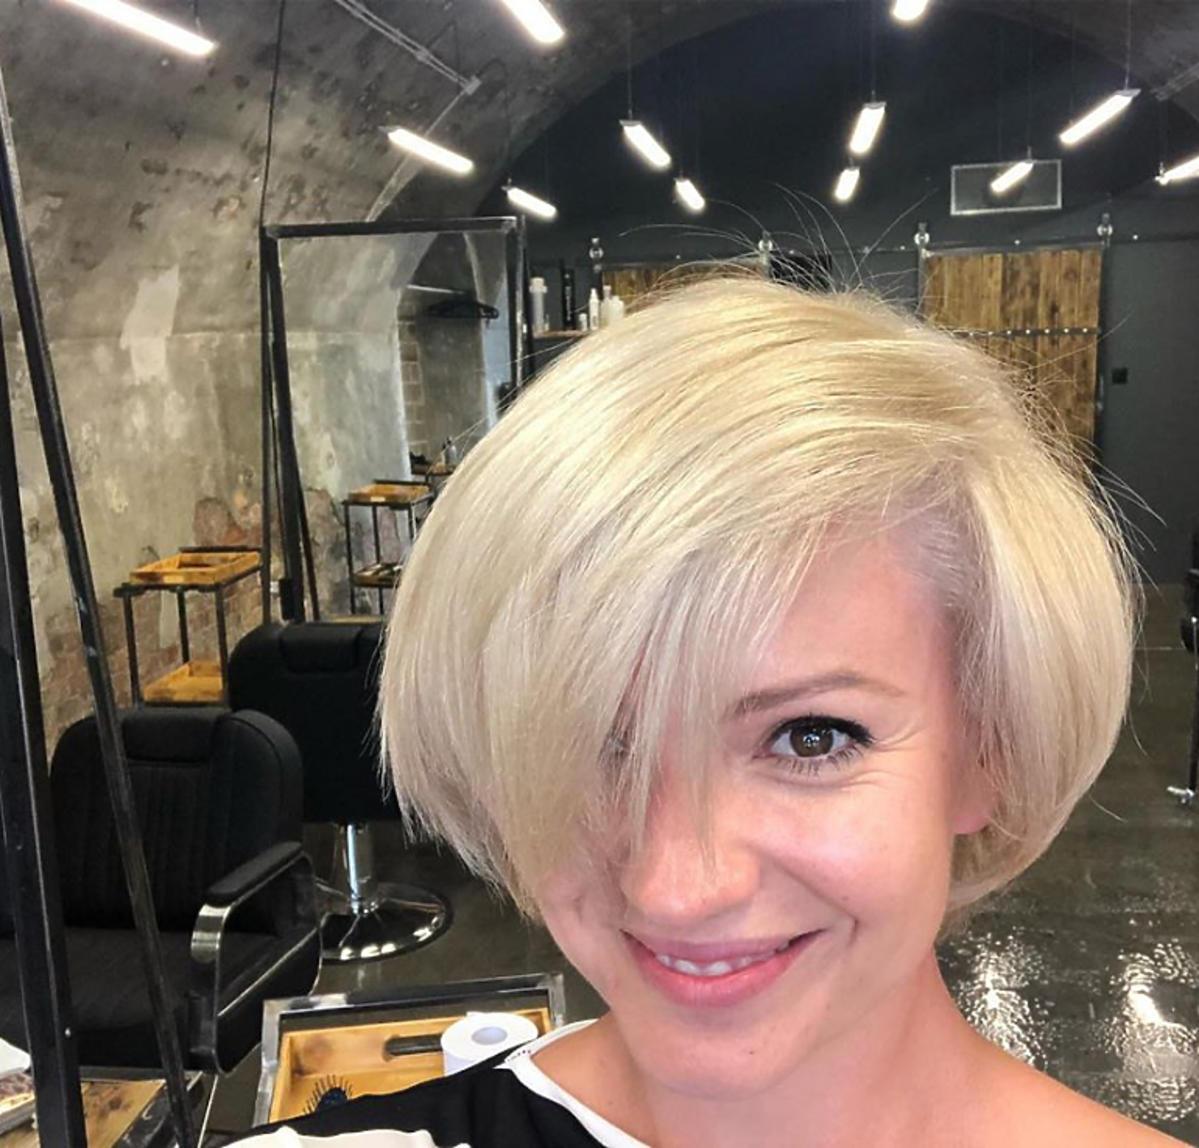 Dorota Szelągowska nowa fryzura